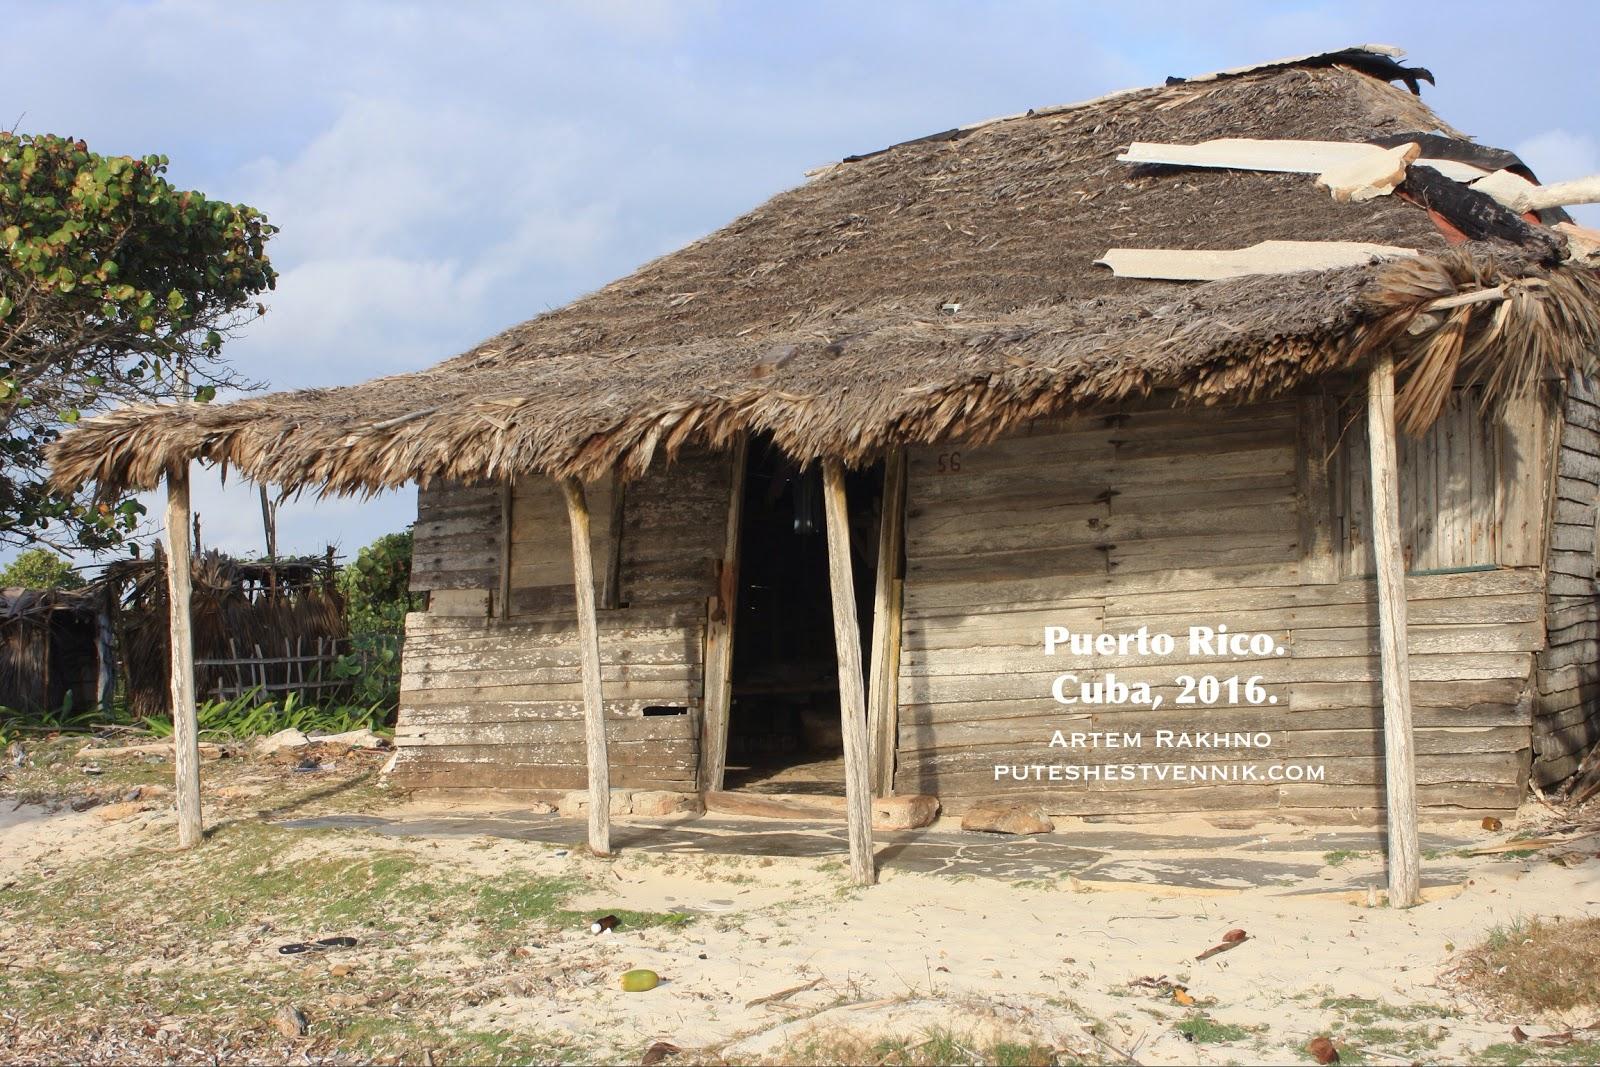 Традиционное жилище кубинцев с крышей из пальмовых листьев